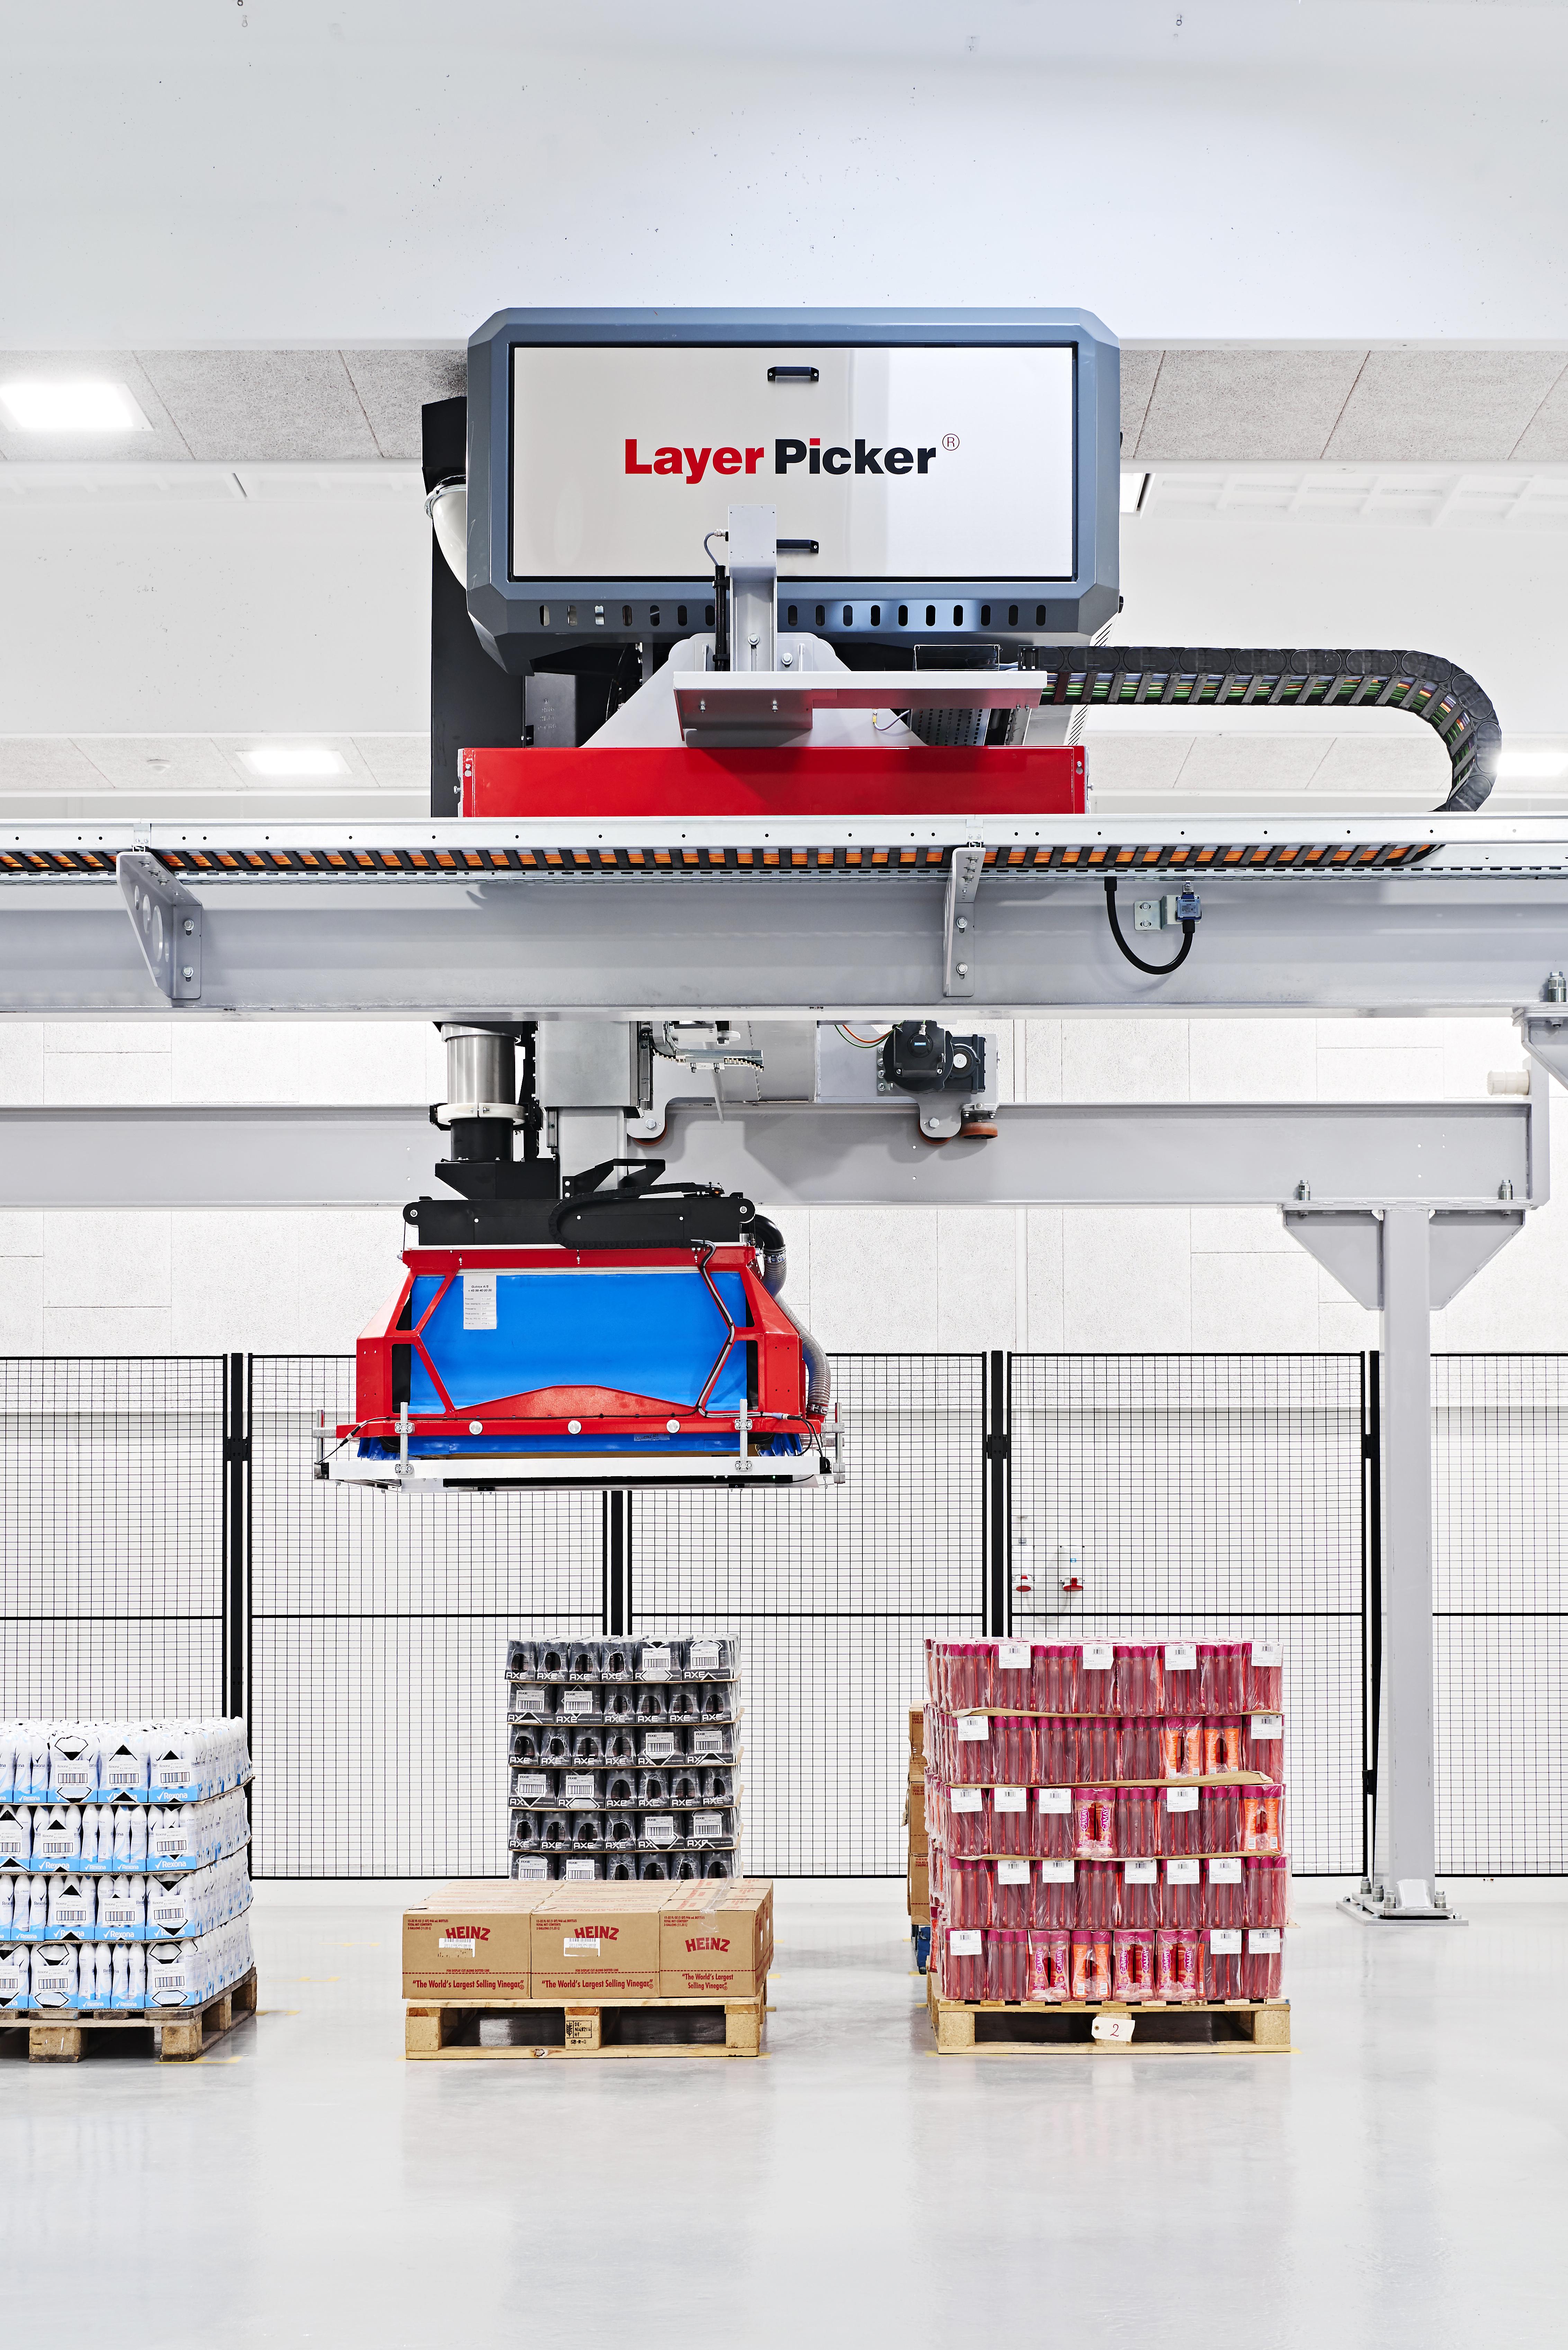 067487428da Riantics skal levere en layer picker-løsning til et tocifret millionbeløb  til en amerikansk kunde. Foto/Riantics.